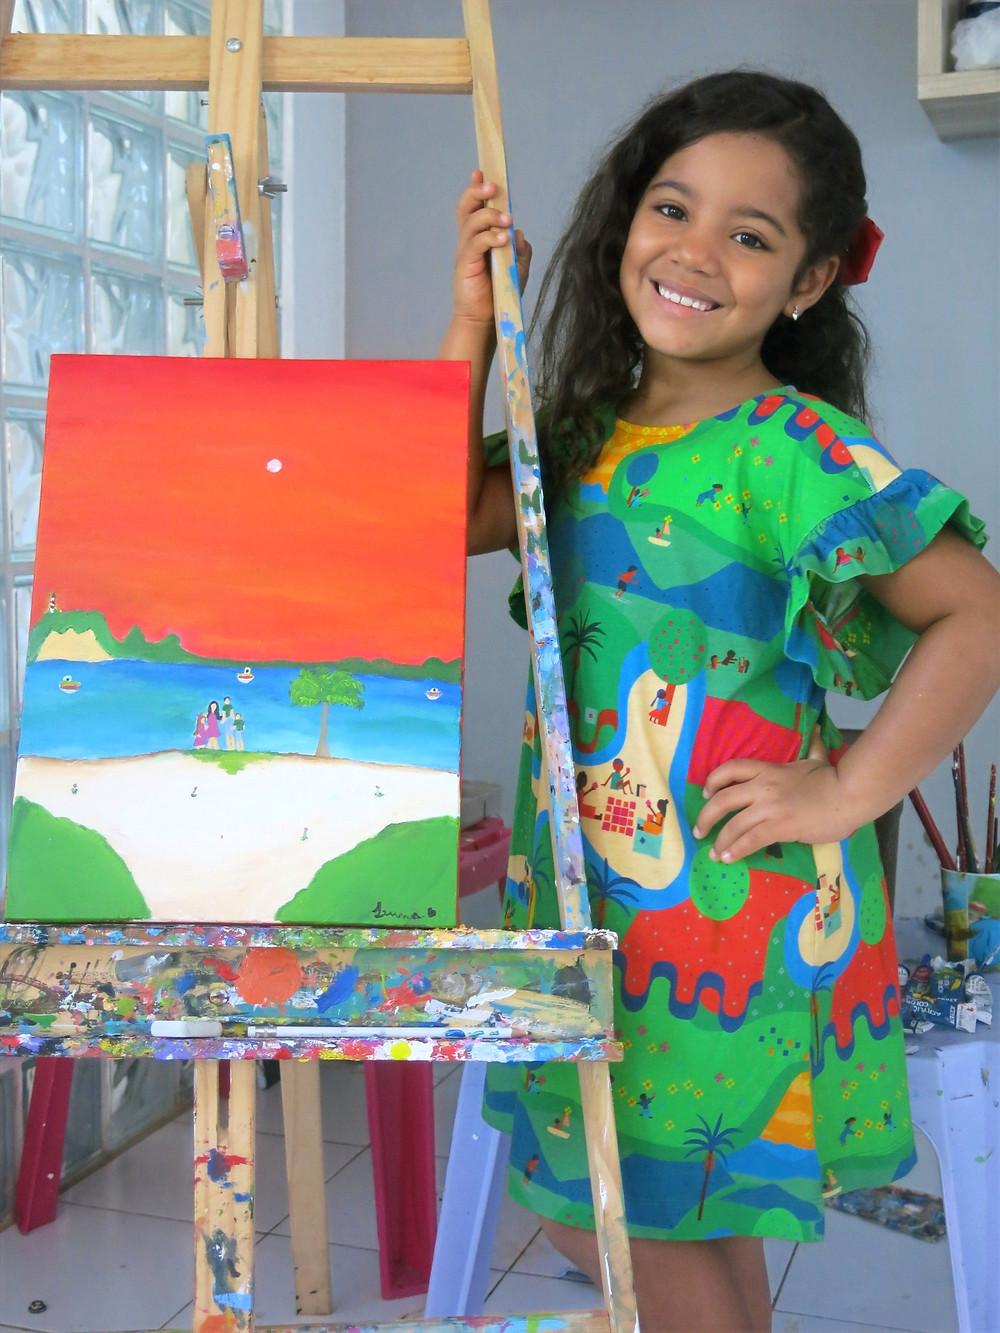 A artista mirim Luna Belém pousa ao lado do cavalete com uma de suas telas. A tela retrata uma praia com céu alaranjado. Luna está de vestido estampado e sorrindo para a câmera.